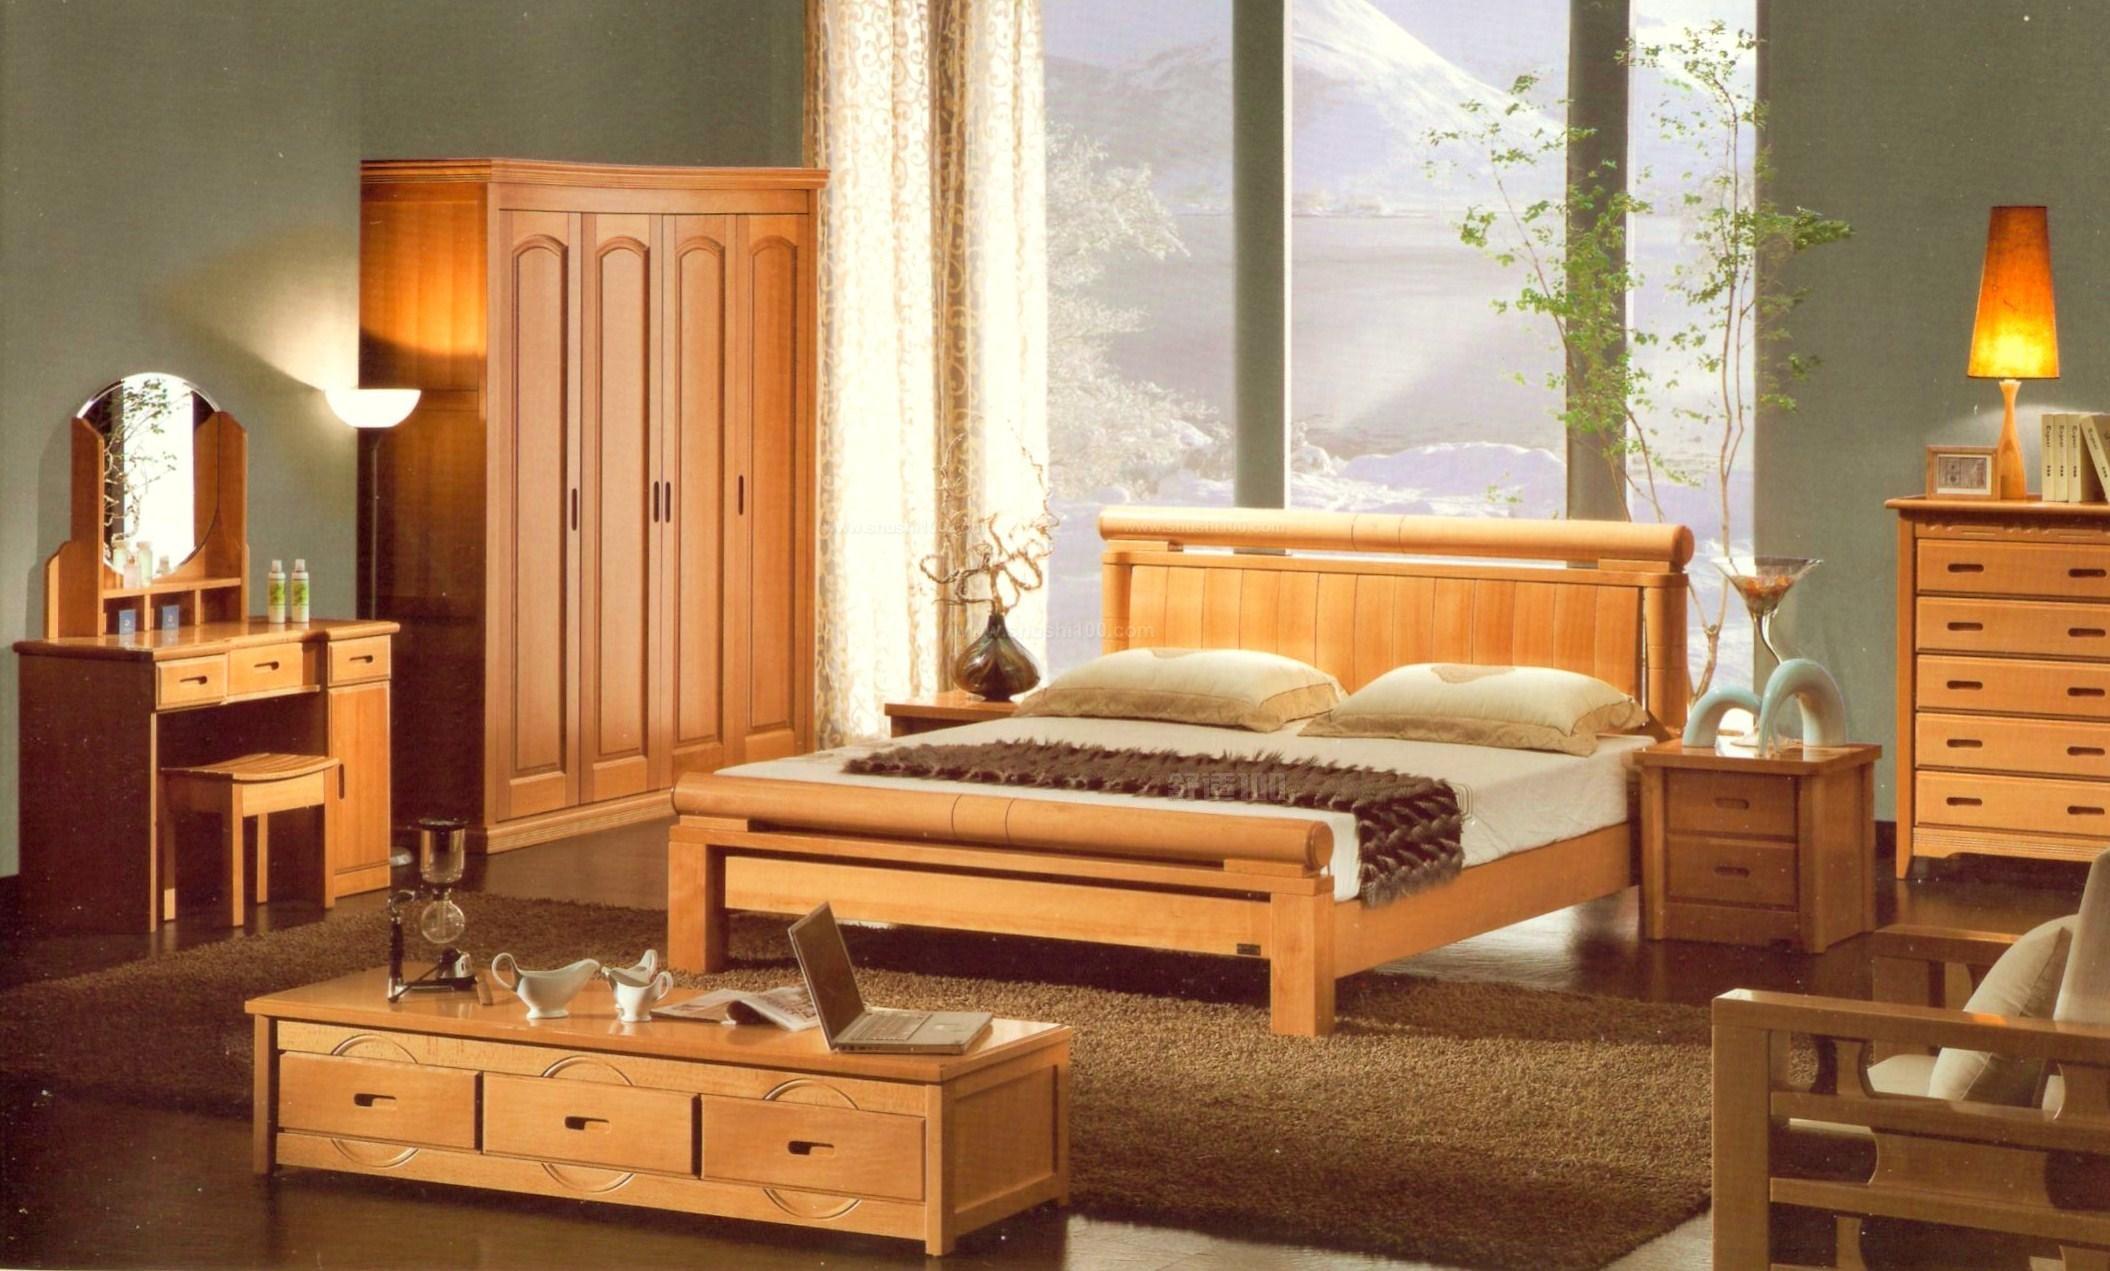 实木床床垫—实木床和床垫什么品牌比较好